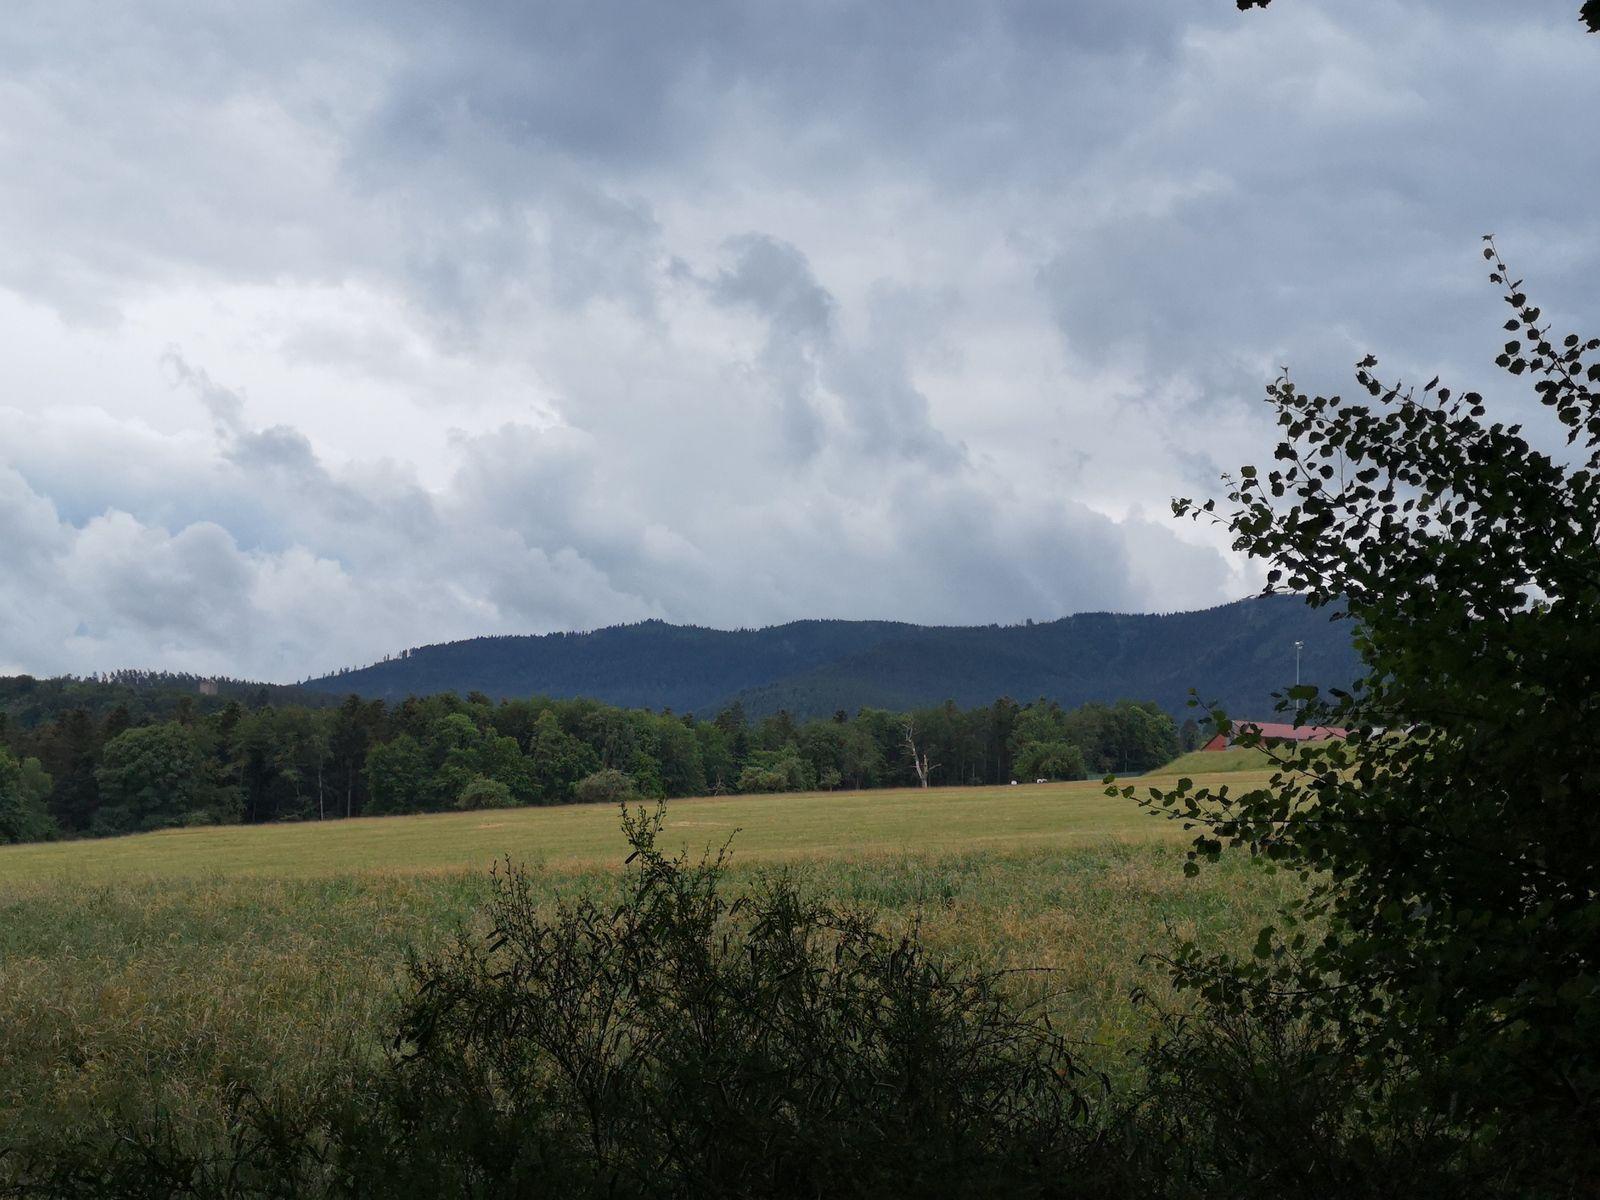 Voilà une silhouette qui m'est plus que familière!!! Le massif du Schneeberg.